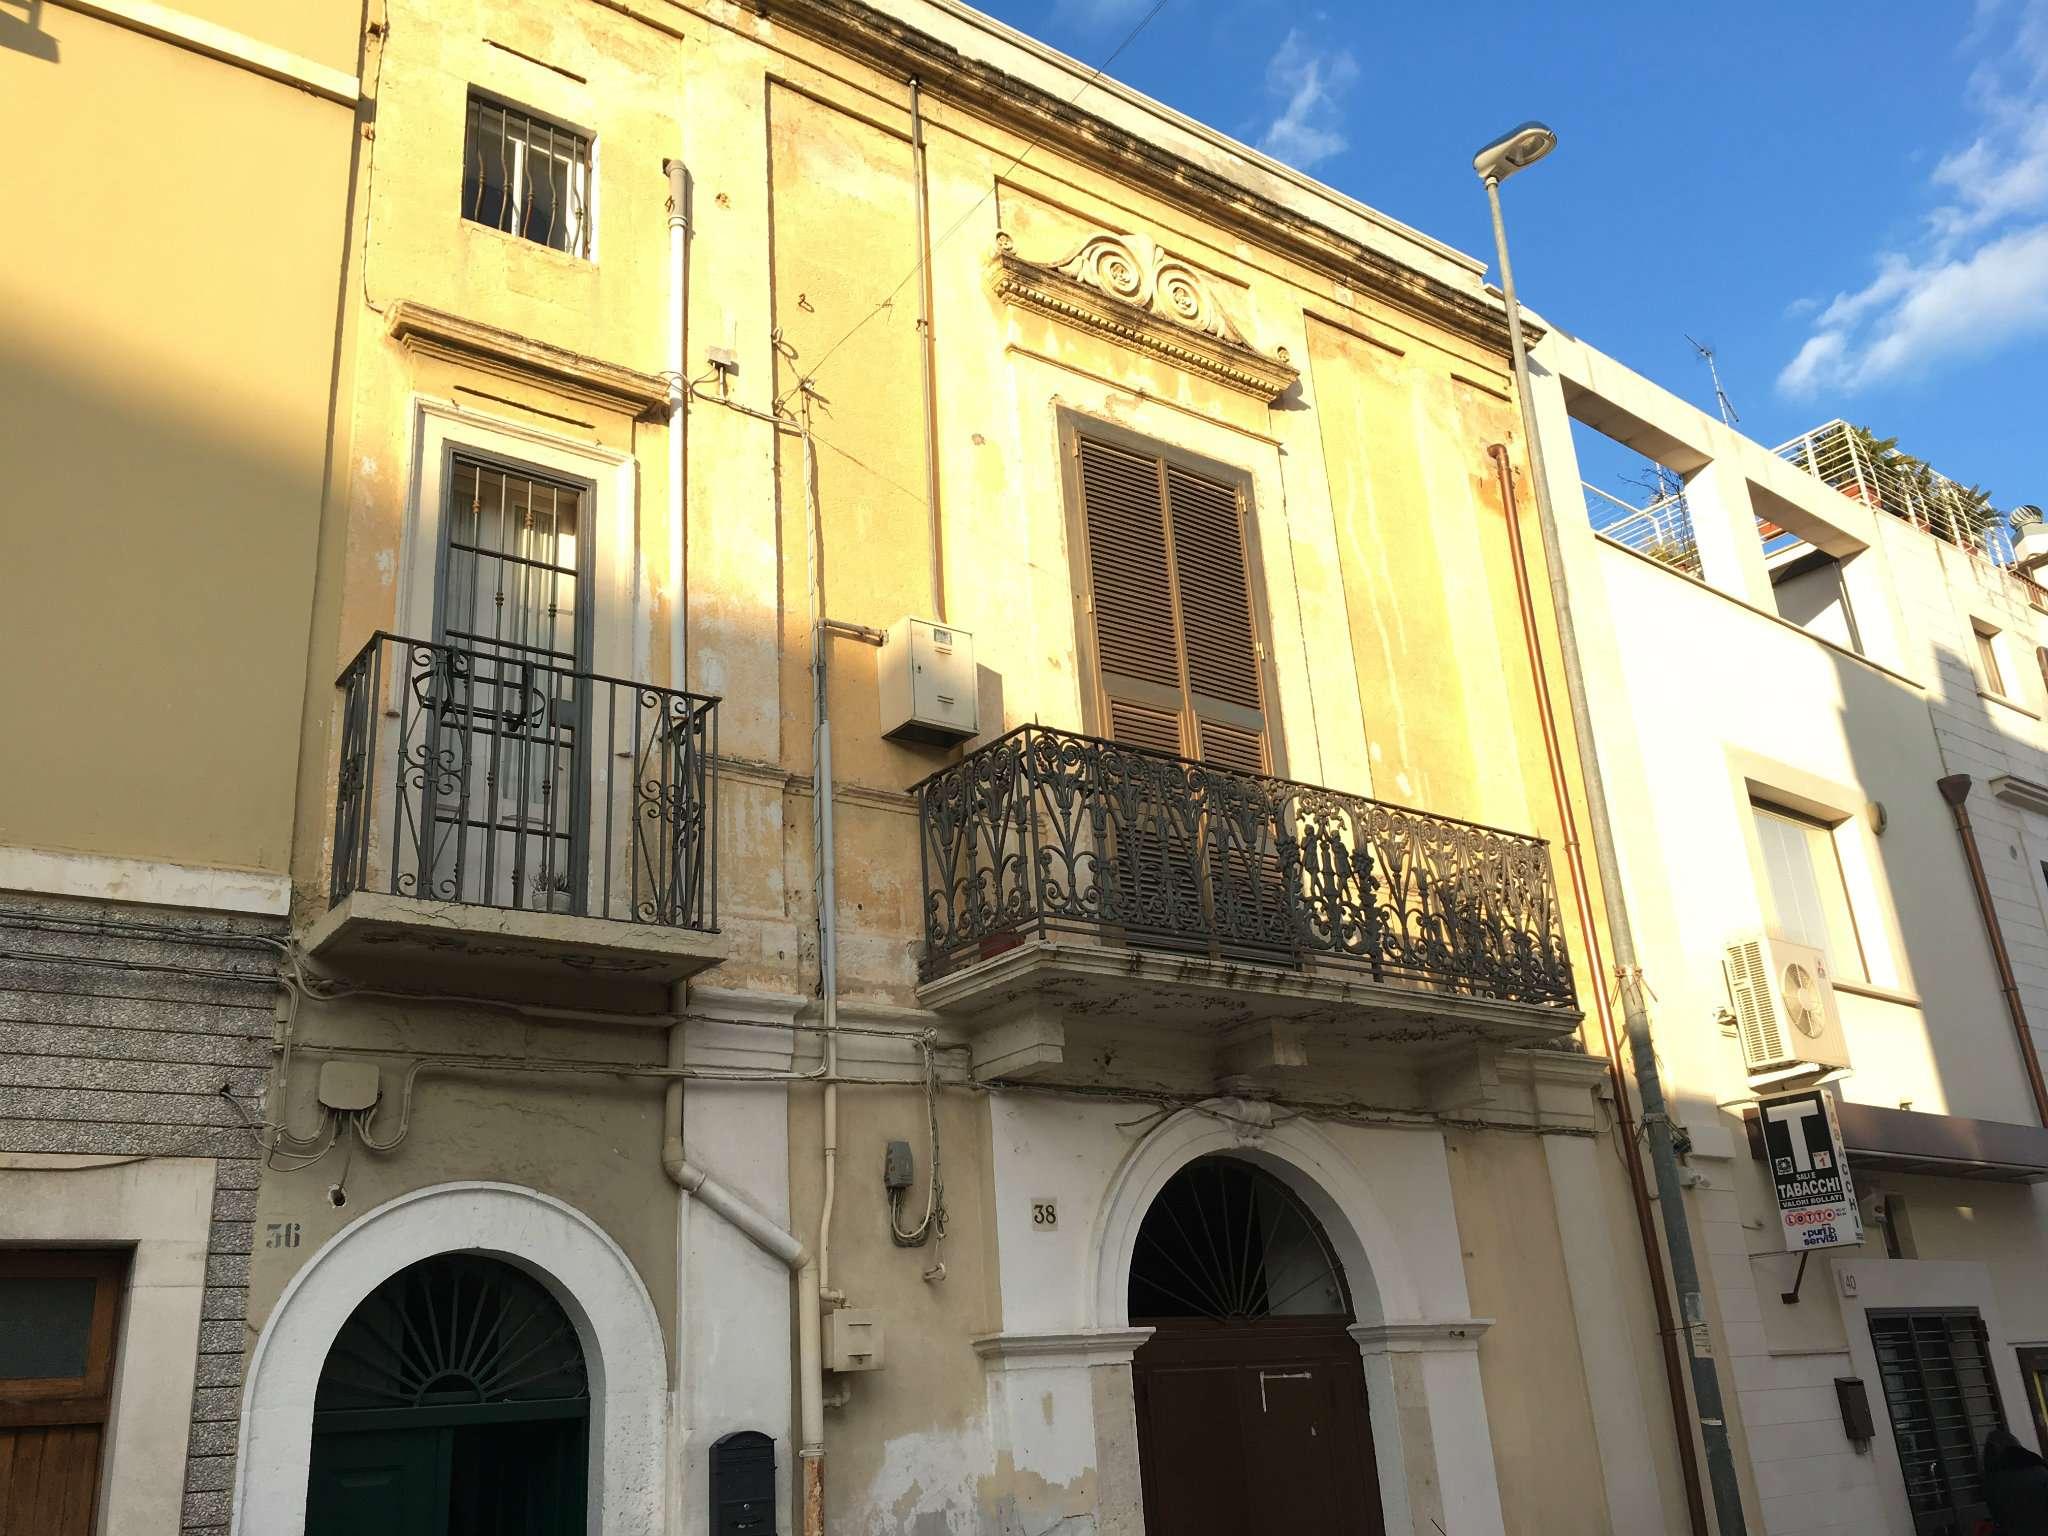 Soluzione Indipendente in vendita a Modugno, 4 locali, prezzo € 175.000 | Cambio Casa.it